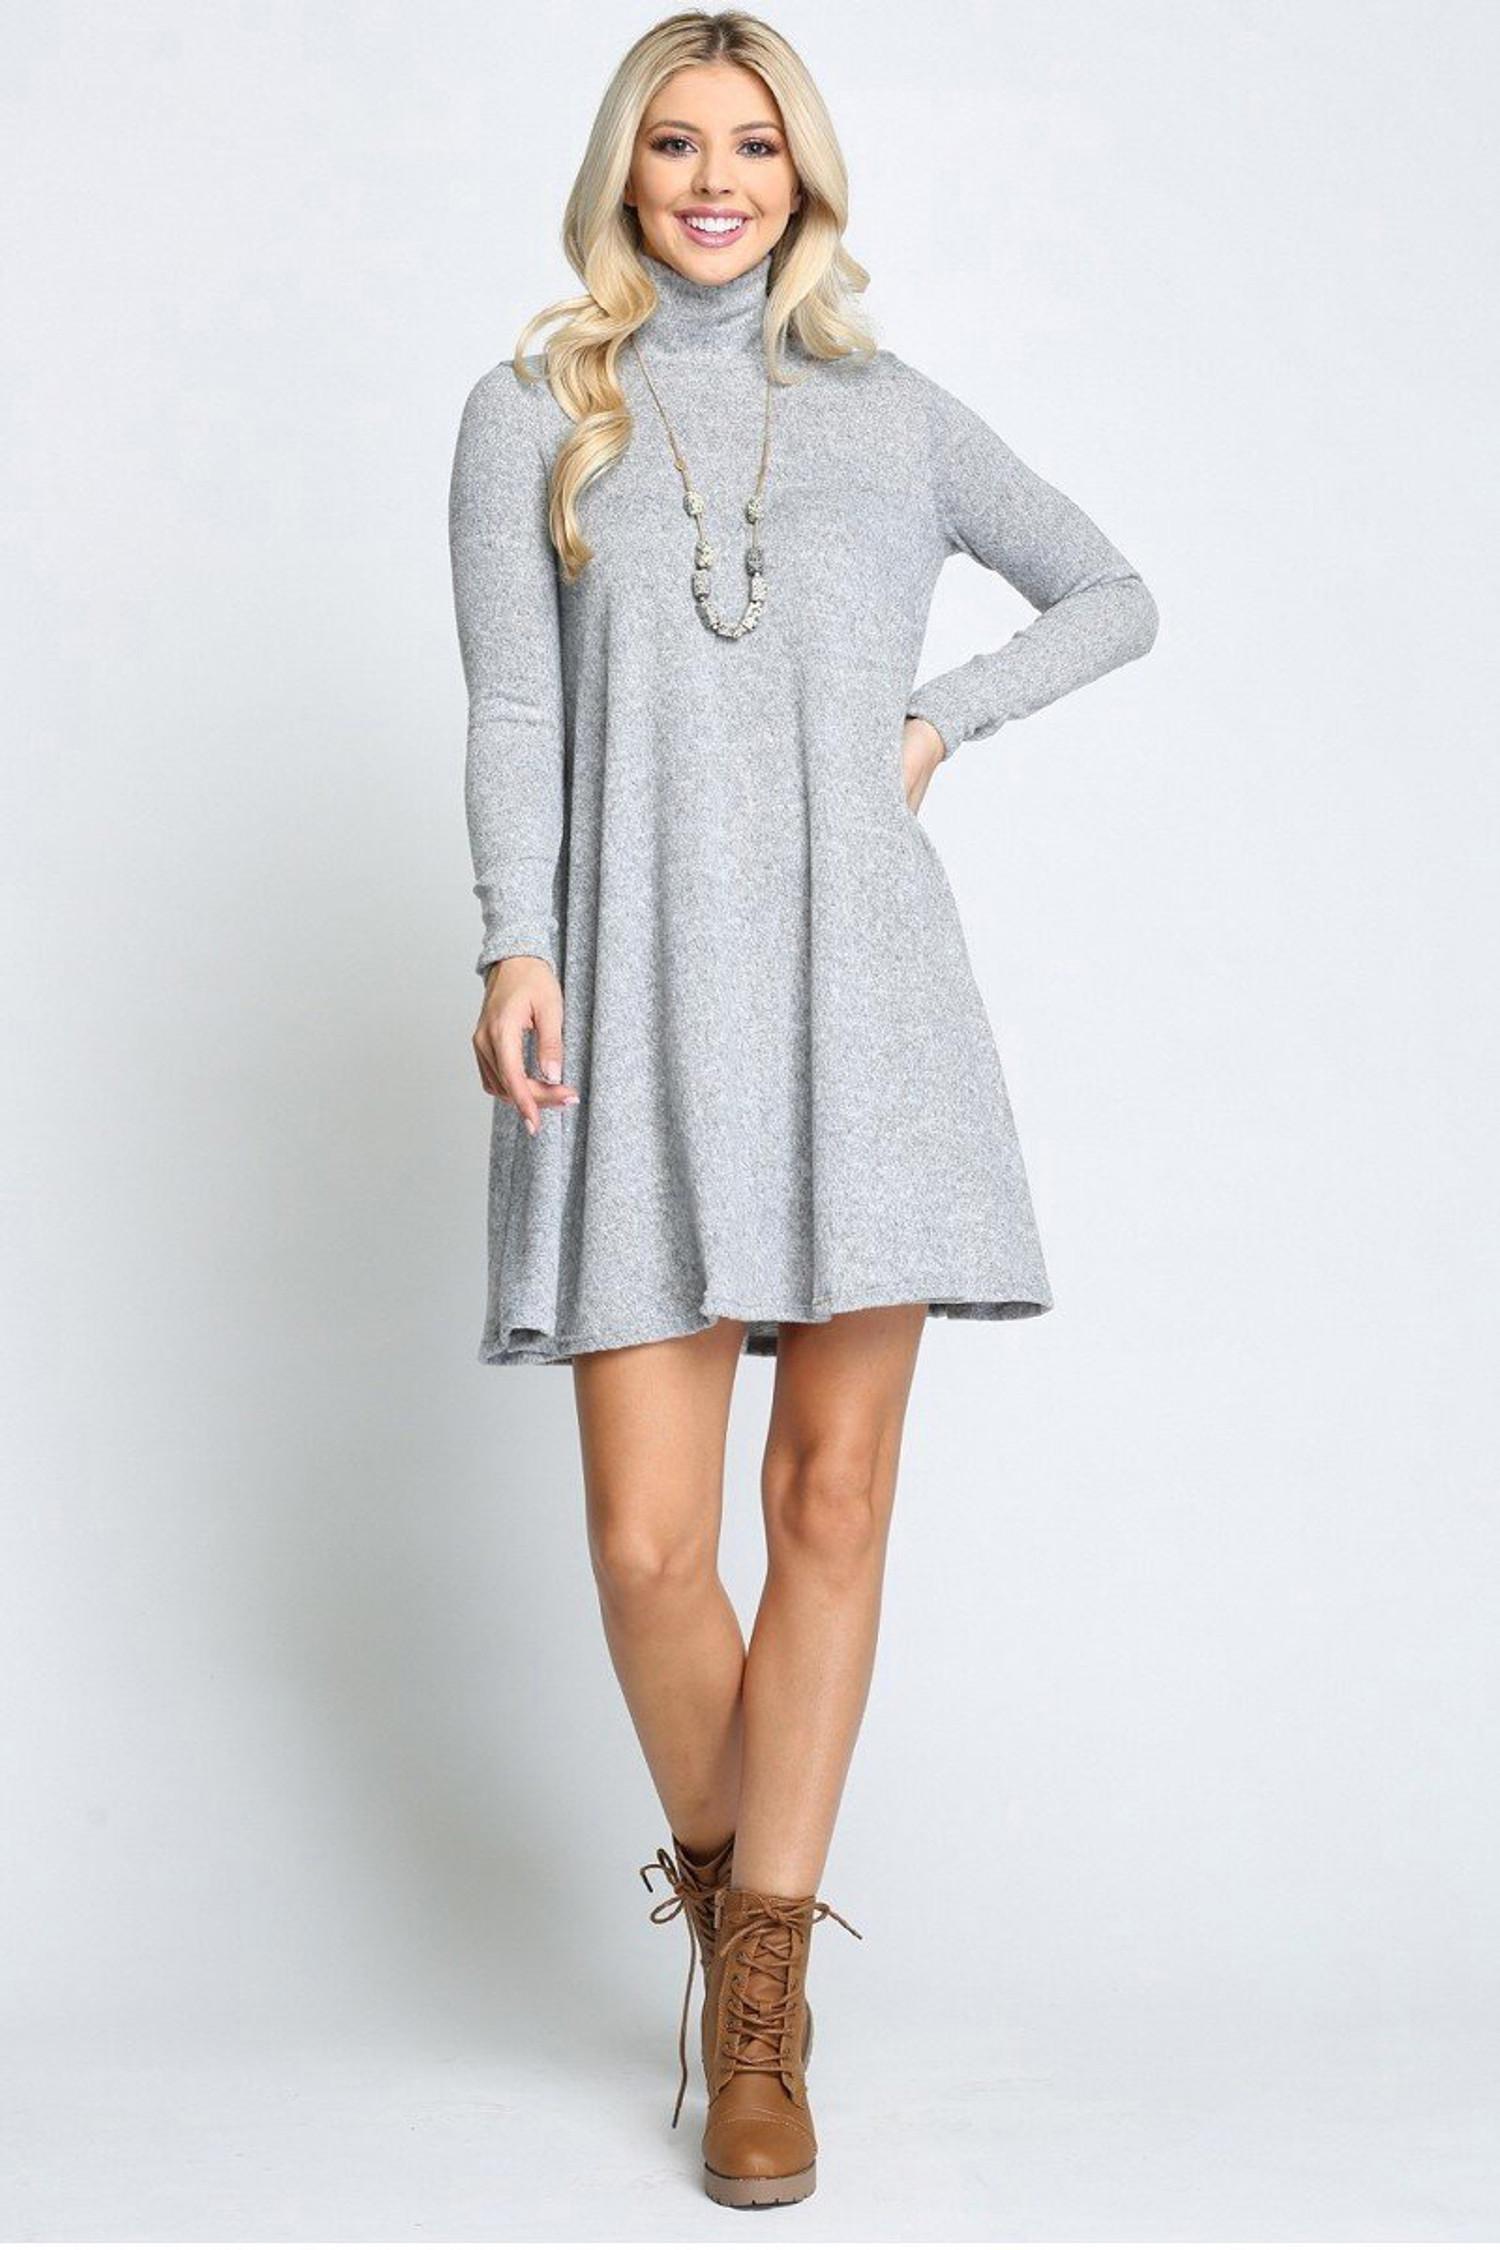 Heather Grey Long Sleeve Hacci Knit Mock Neck Plus Size Swing Dress